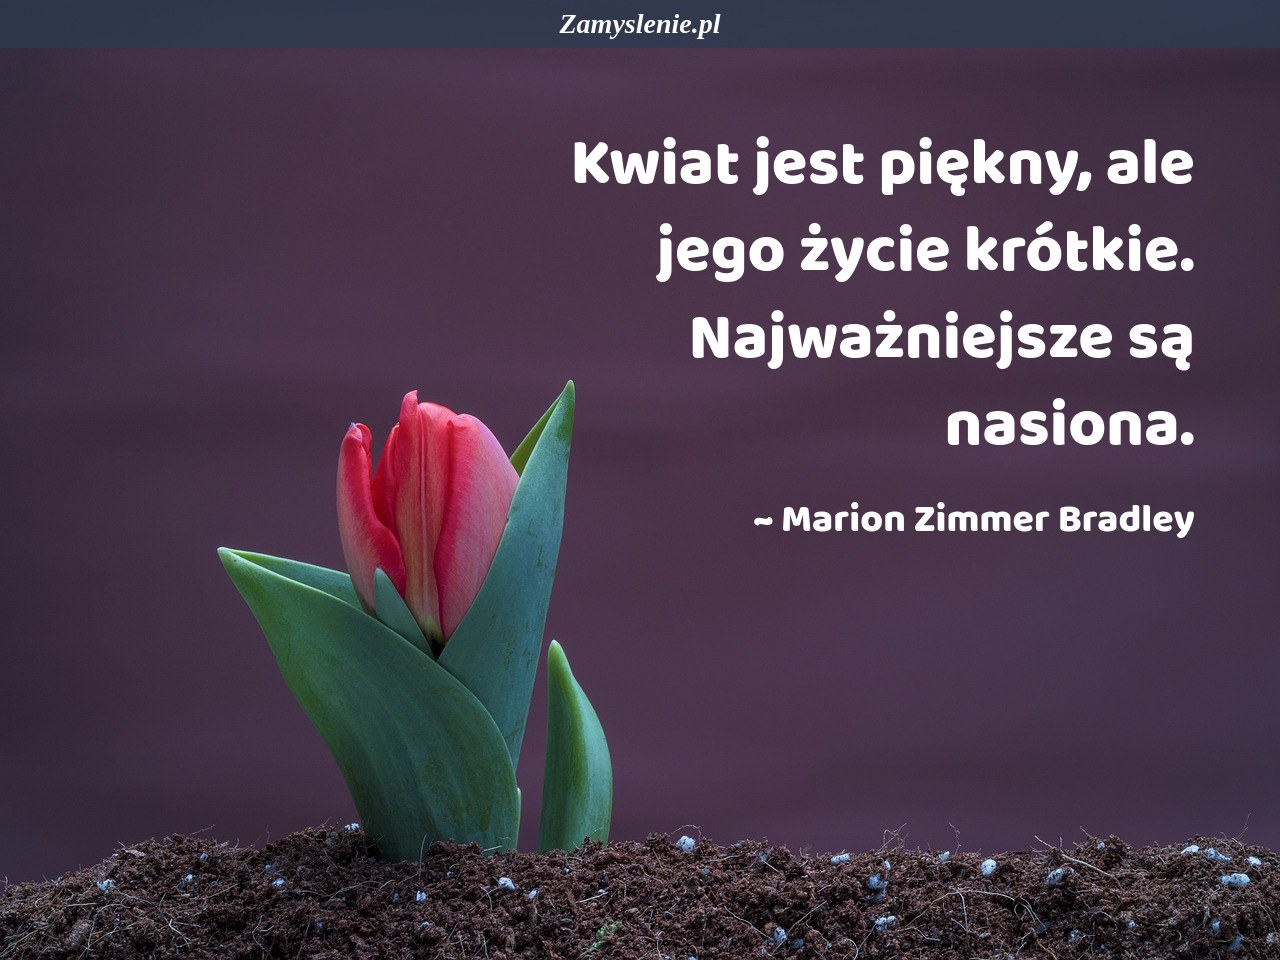 Obraz / mem do cytatu: Kwiat jest piękny, ale jego życie krótkie. Najważniejsze są nasiona.